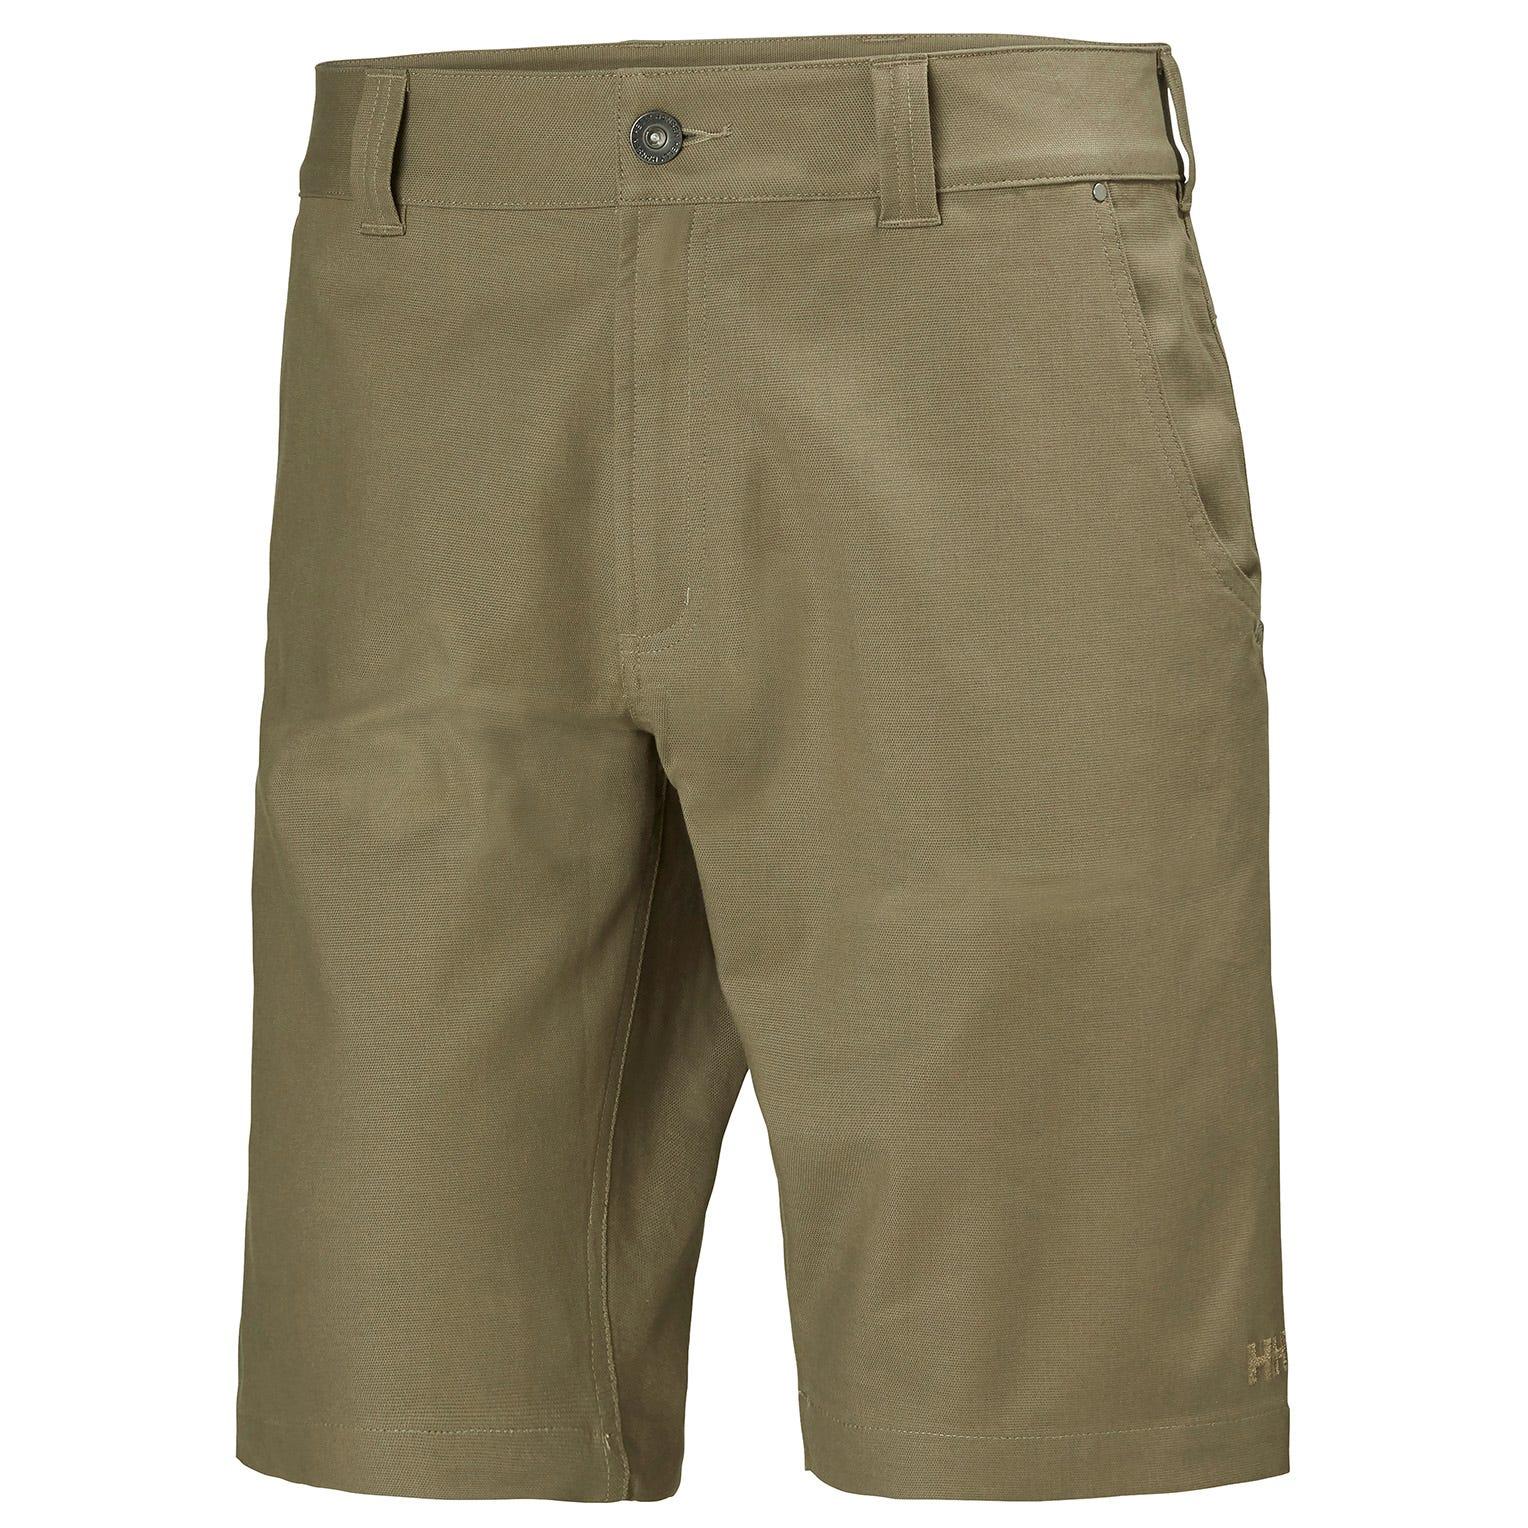 Helly Hansen Mens Essential Canvas 5-pocket Hiking Shorts Beige XL